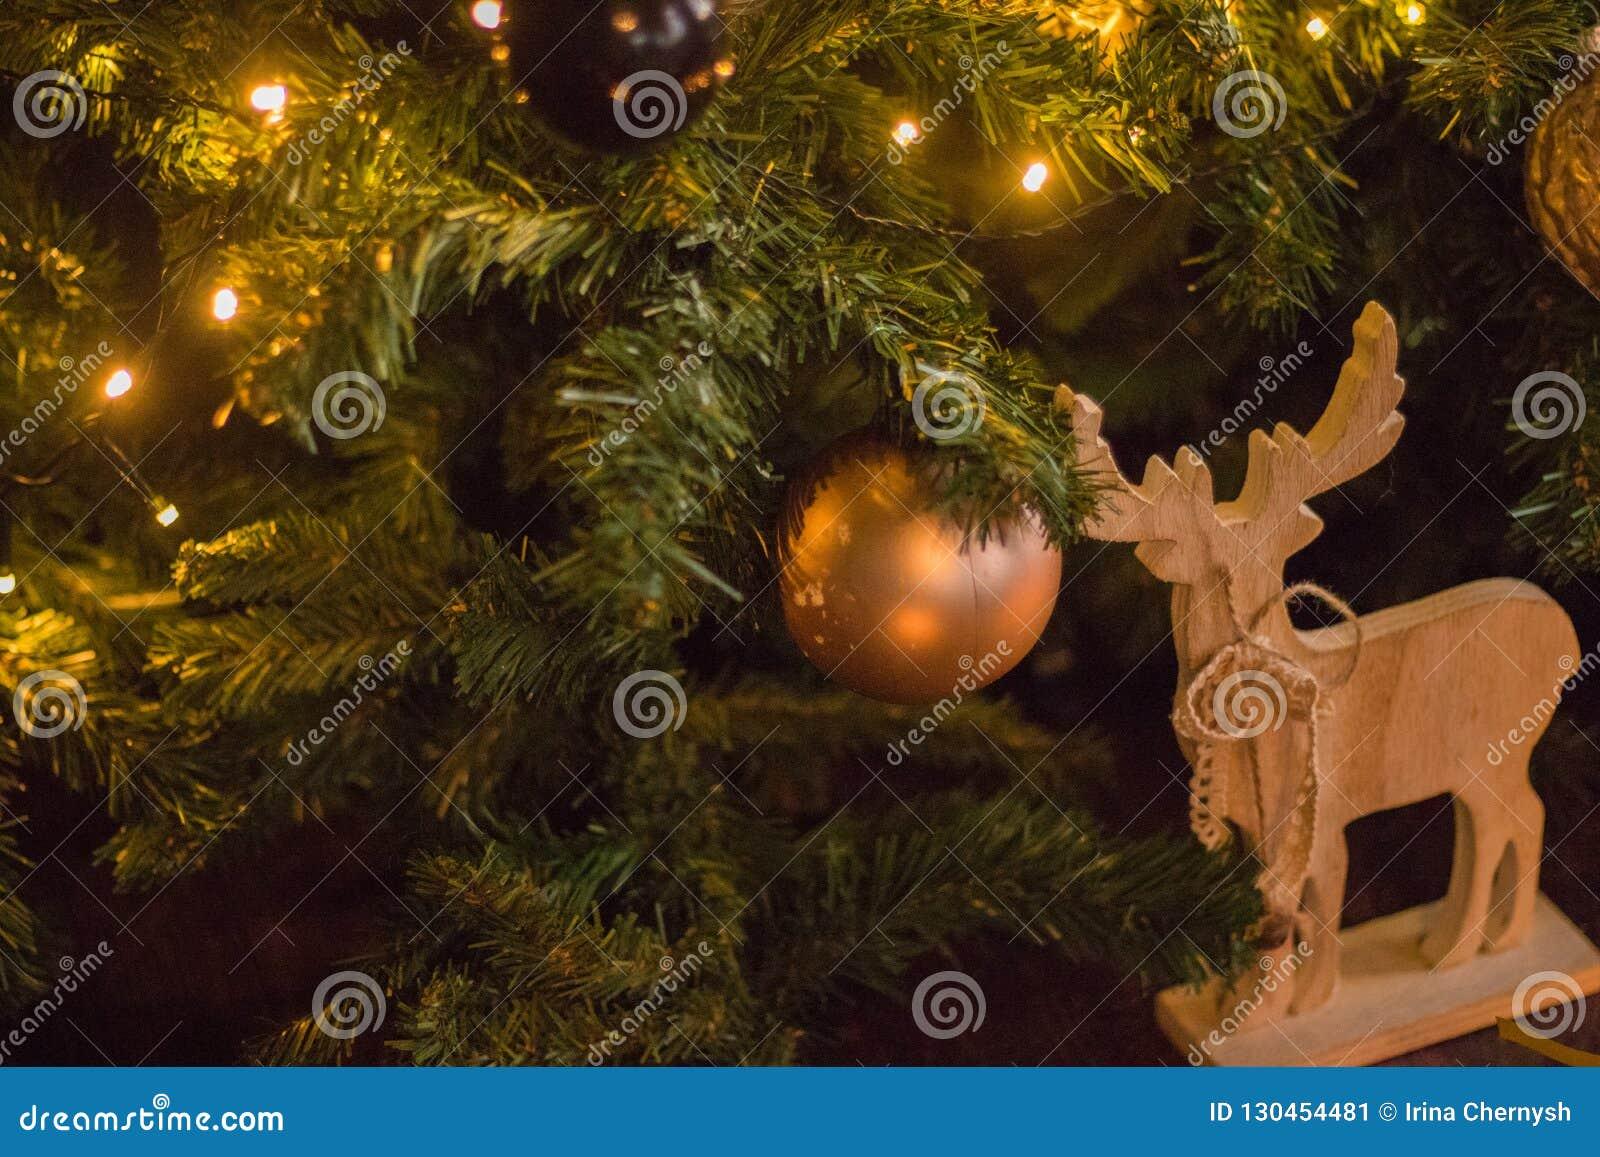 冬天装饰:圣诞树、礼物在工艺纸,木DIY鹿,诗歌选,金黄和白色球 所选的重点